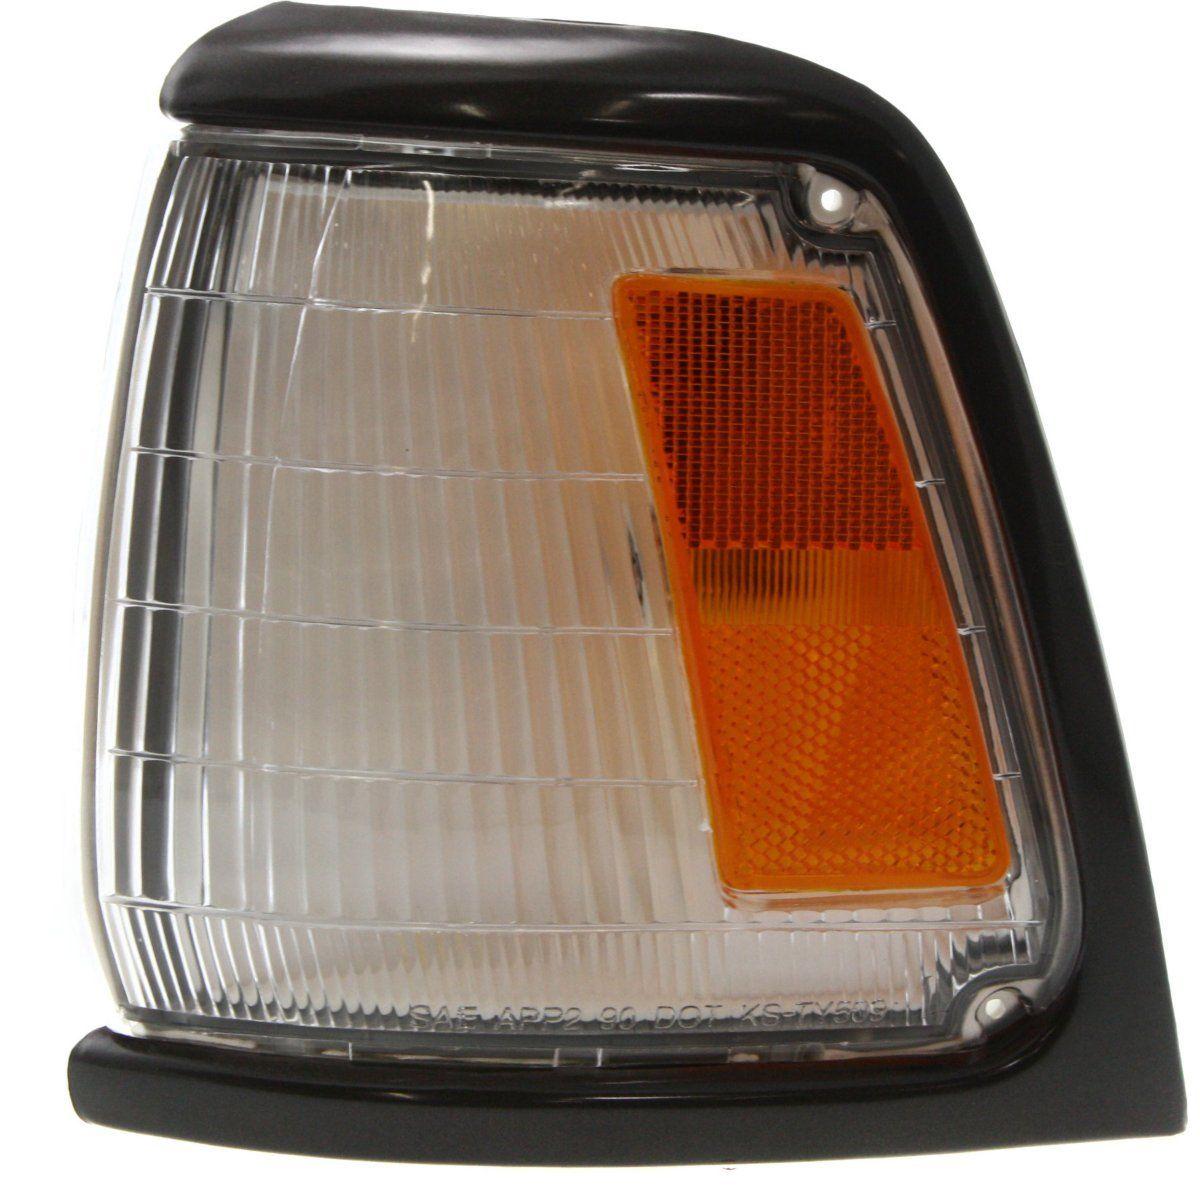 コーナーライト Corner Light For 89-91 Toyota Pickup w/ gray trim Driver Incandescent w/ Bulb コーナーライト89-91トヨタピックアップ/グレートリムドライバー白熱電球